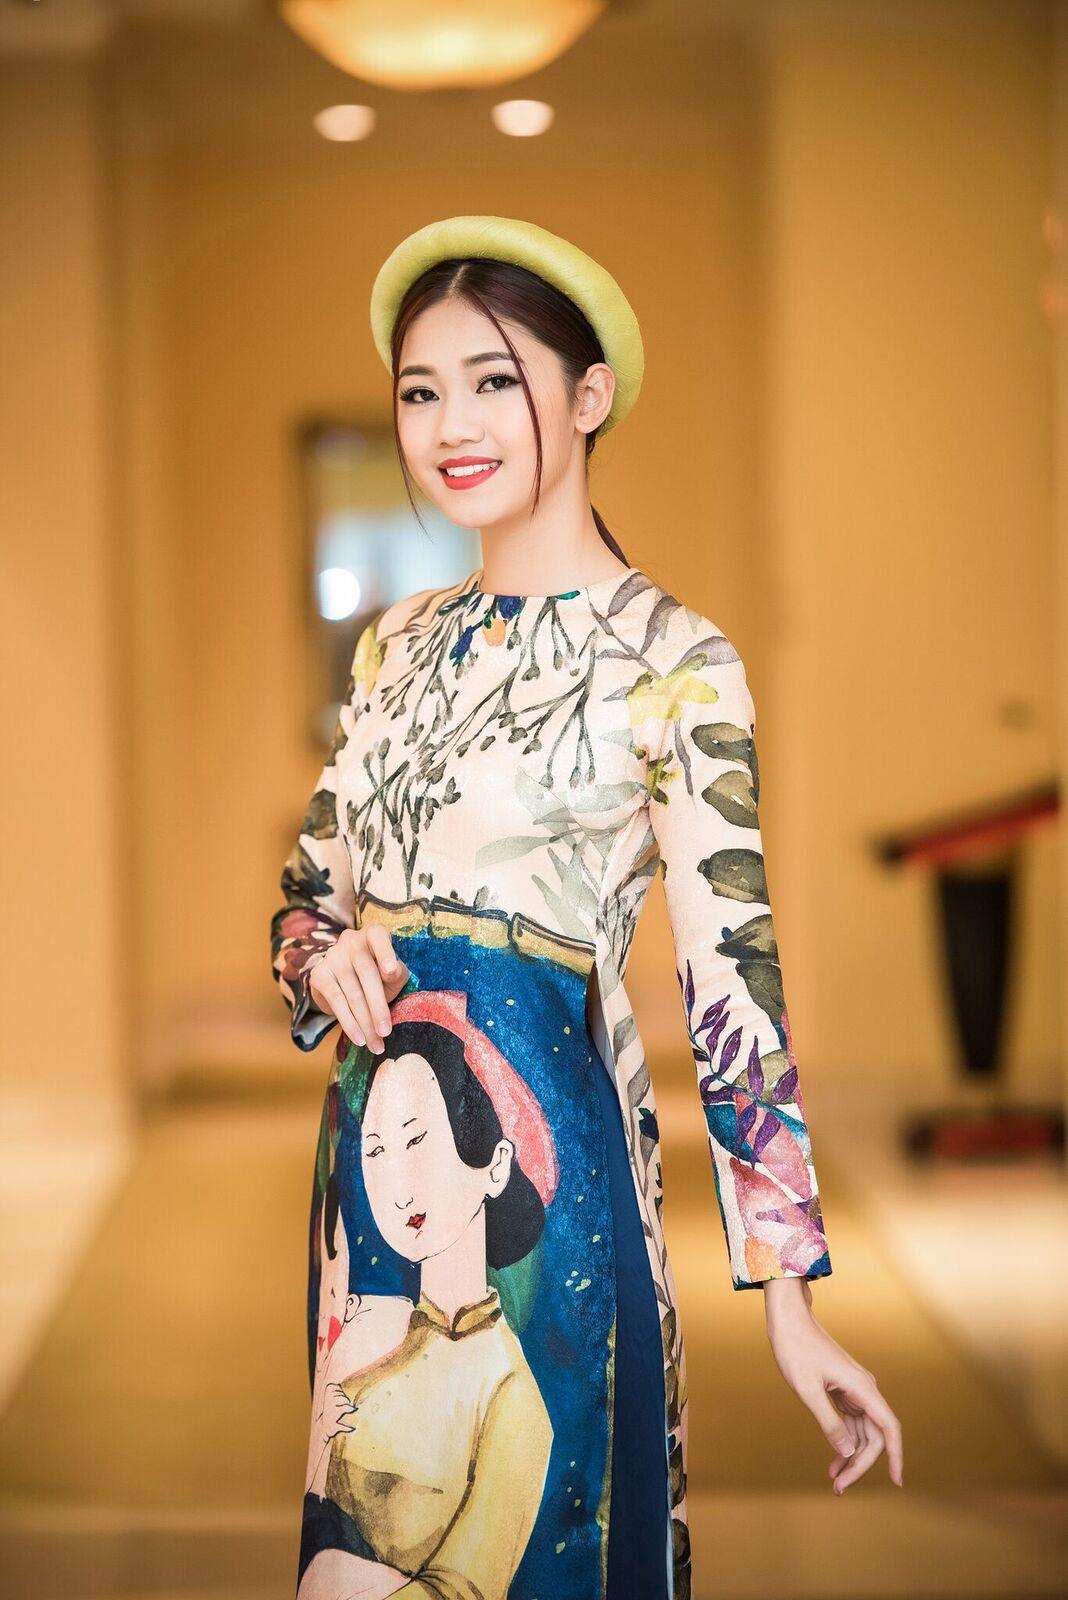 Dàn Hoa hậu, Á hậu gửi lời chúc và đặt cược vào chiến thắng của Hương Giang tại Hoa hậu Chuyển giới Quốc tế - Ảnh 7.